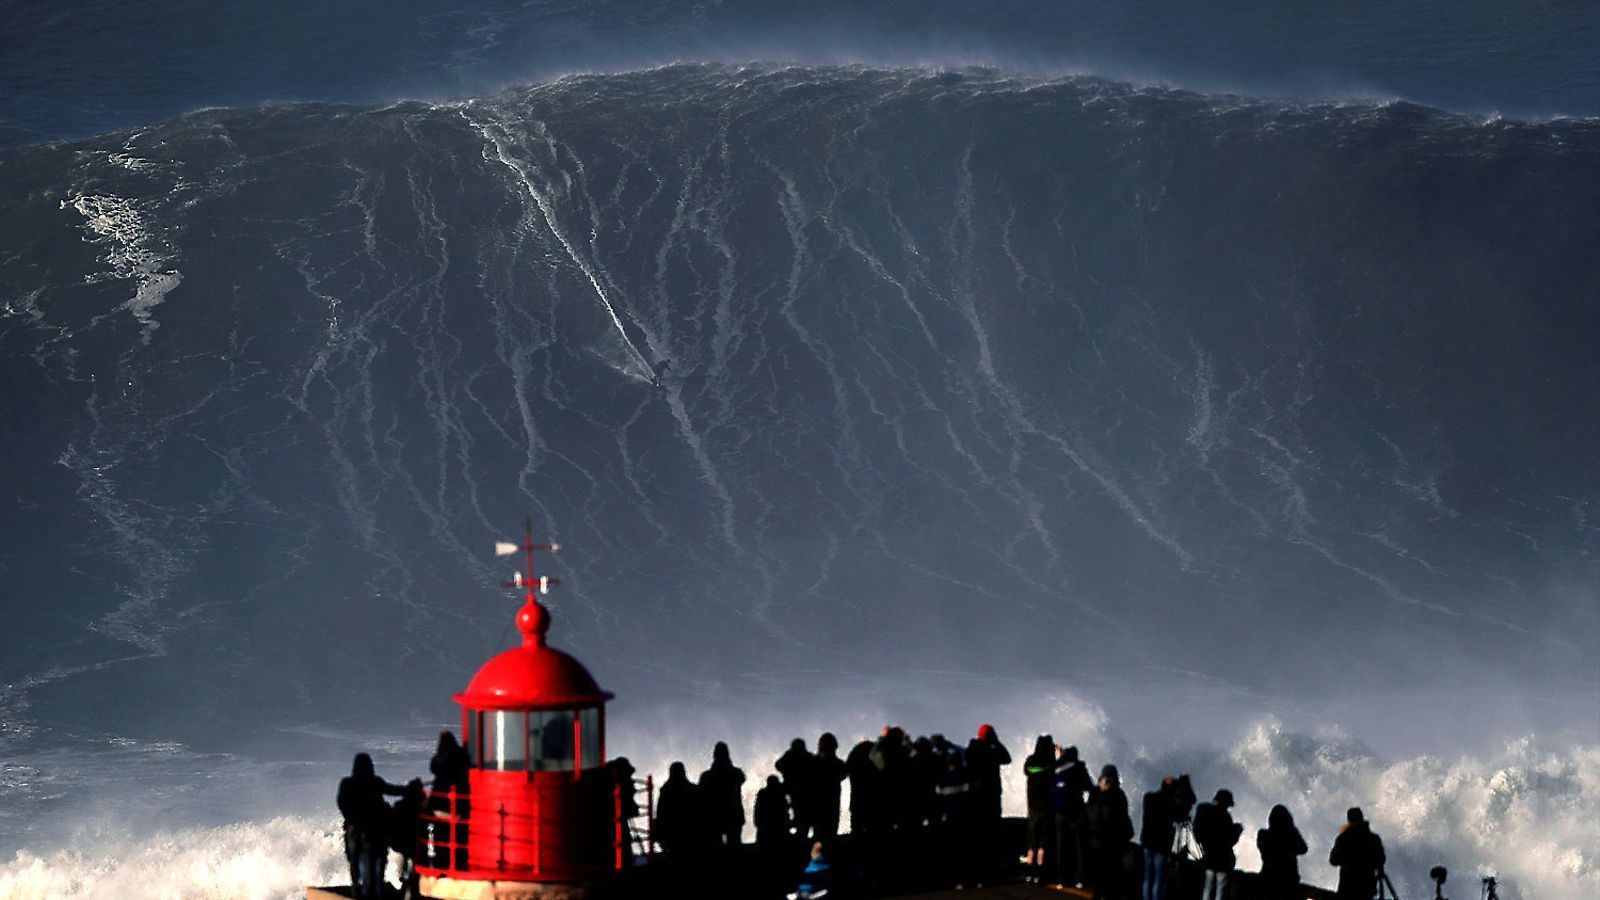 El surfer alemany Sebastian Steudtner el gener passat sobre una onada gegant a Nazaré